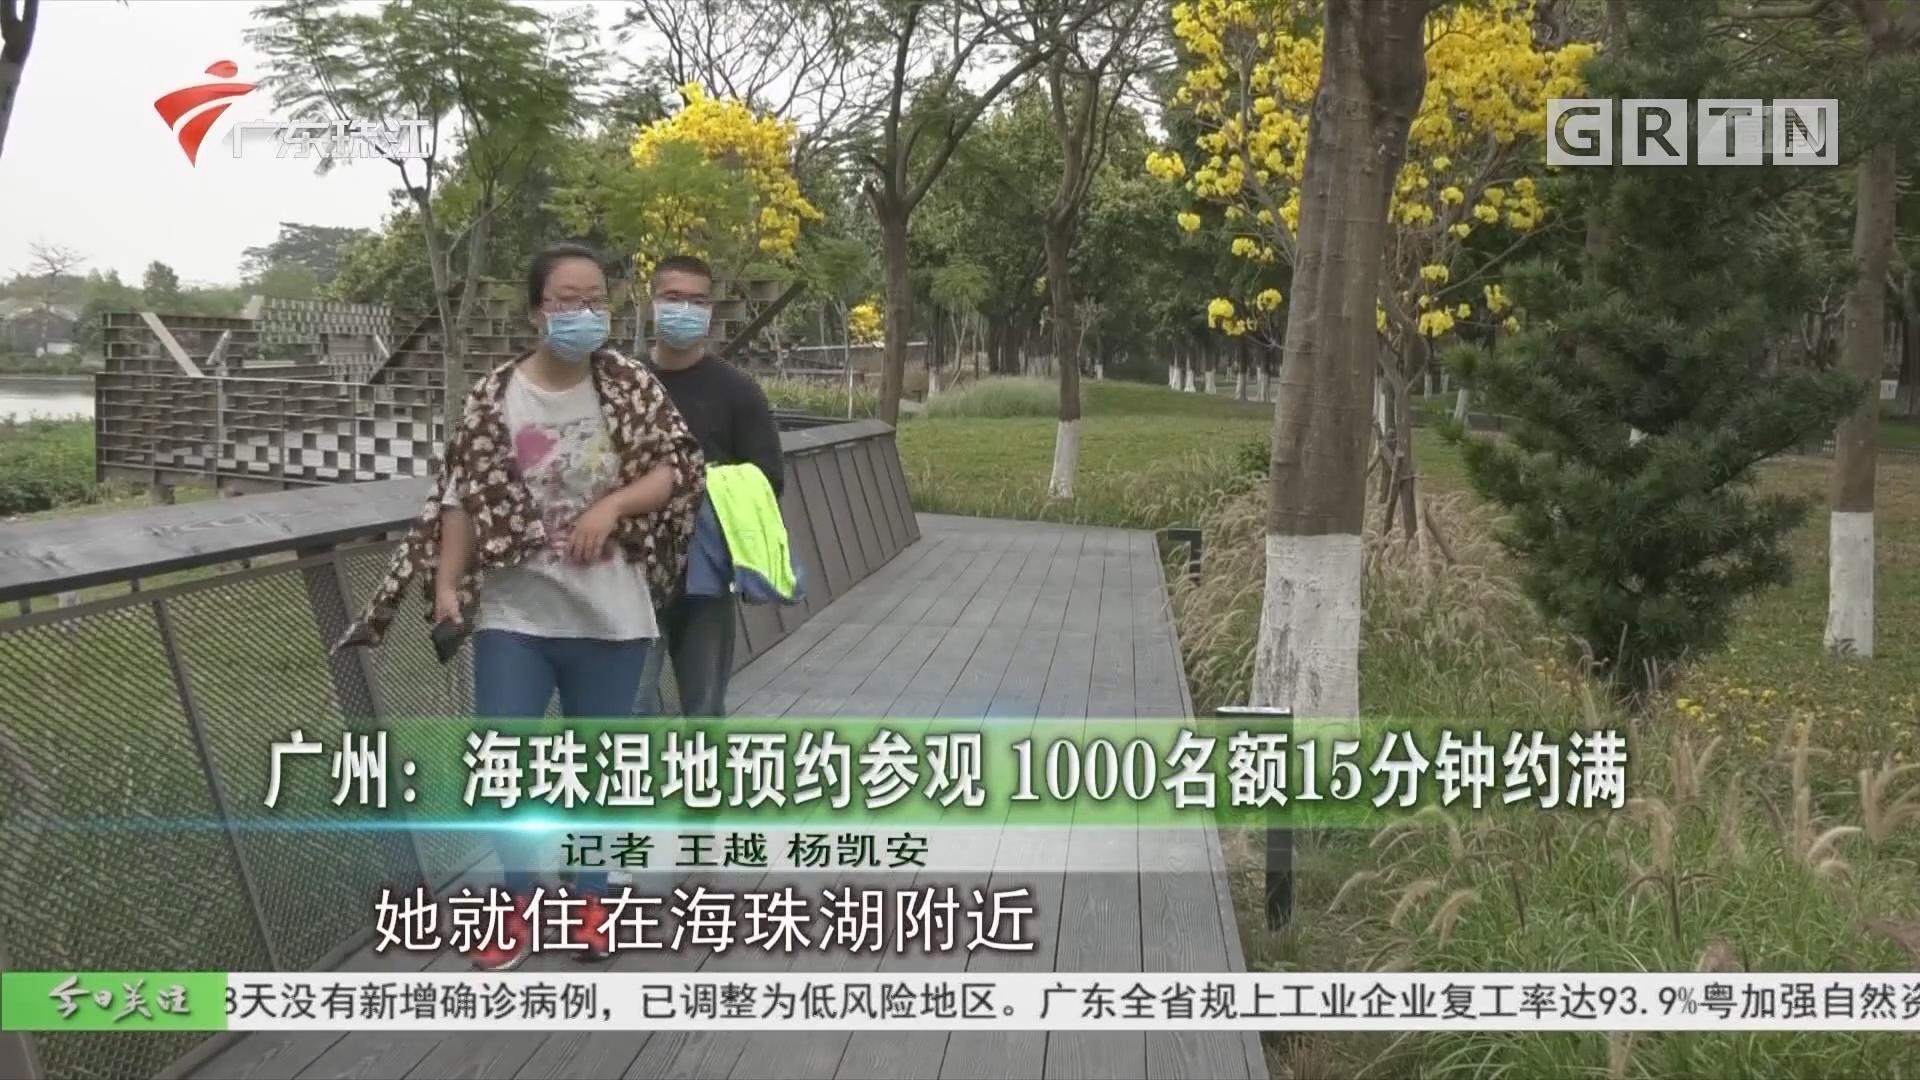 广州:海珠湿地预约参观 1000名额15分钟约满